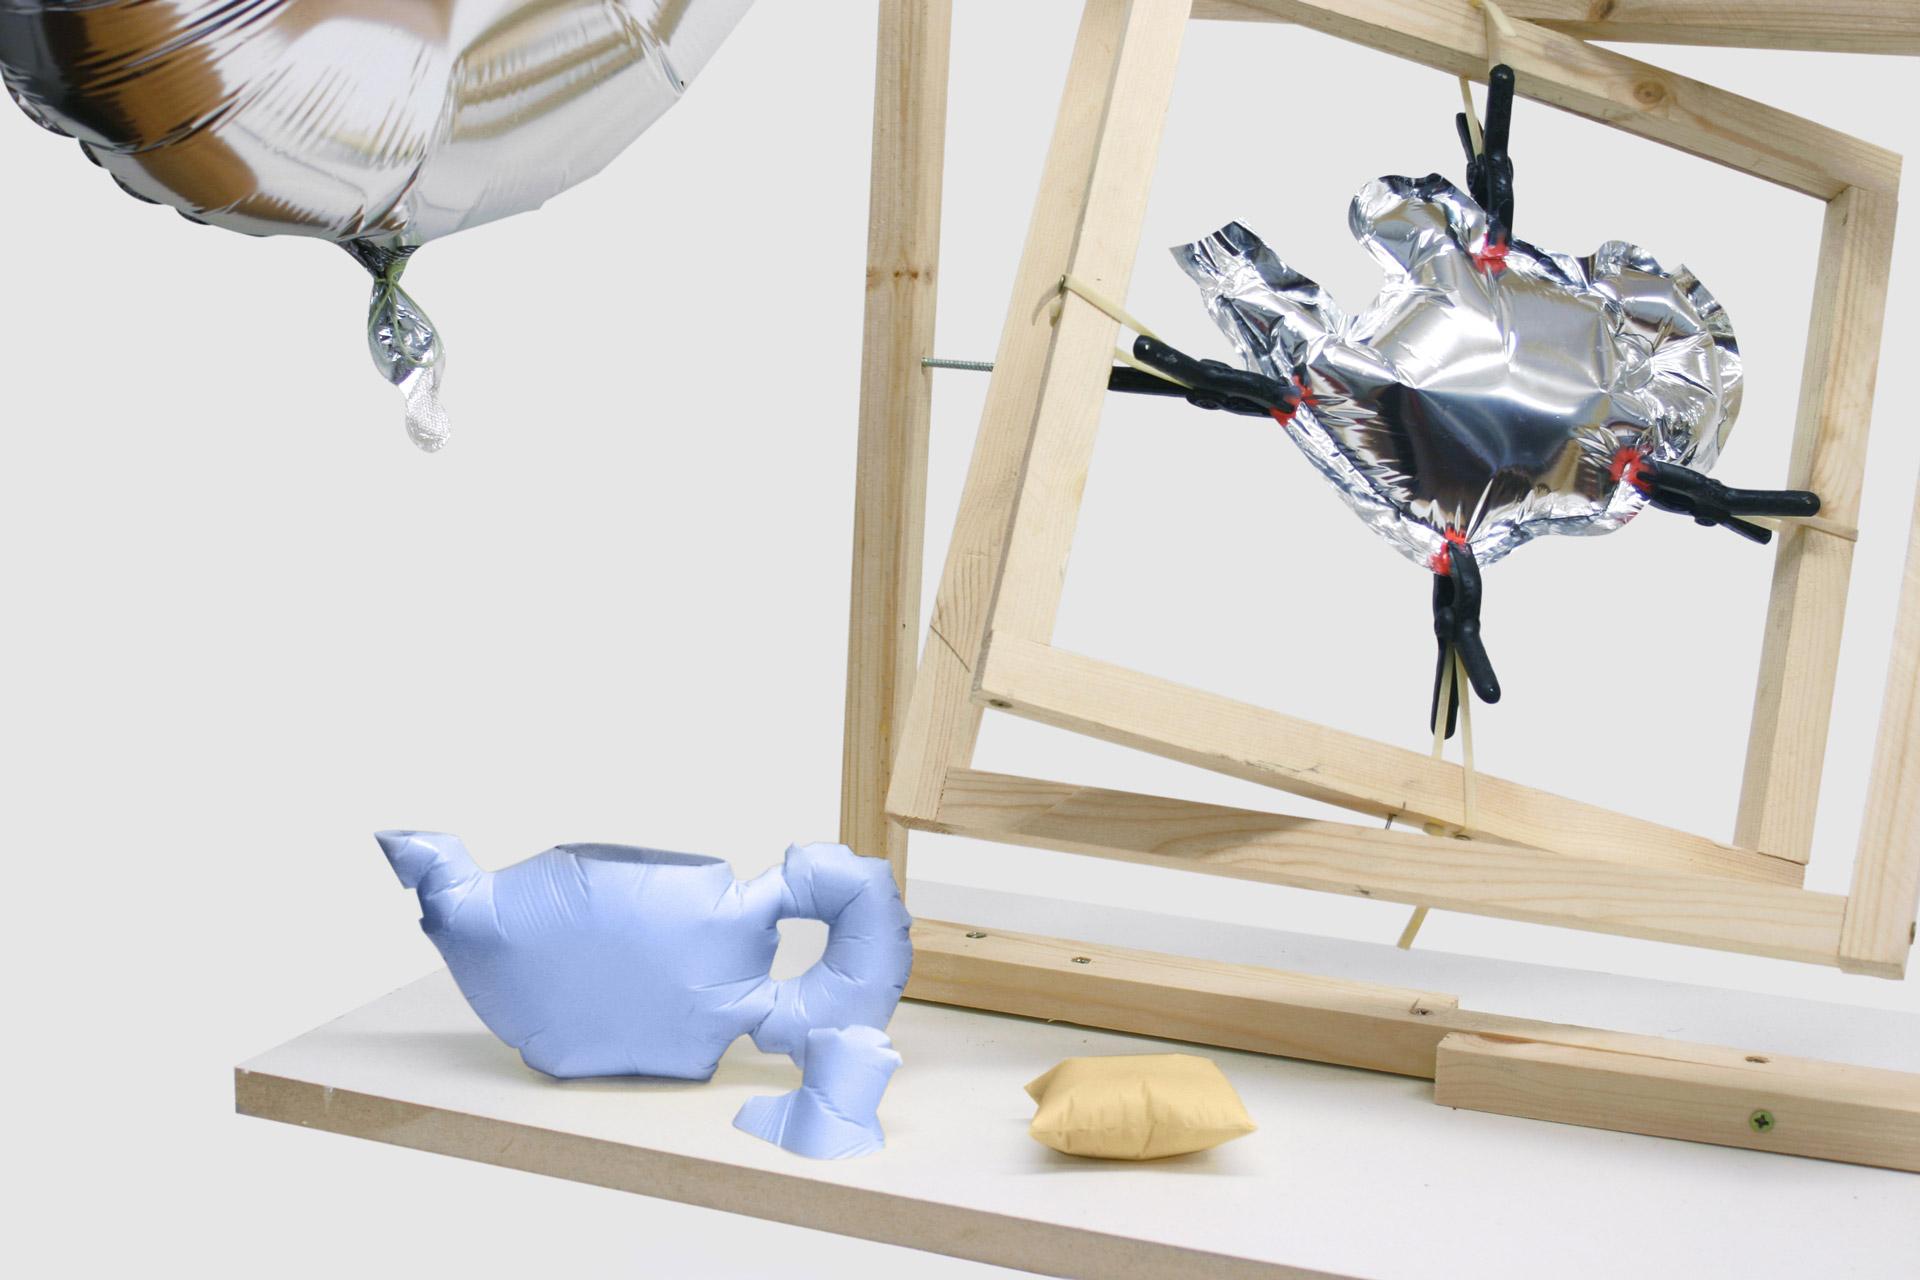 Tino Seubert - Blow-Up Moulding